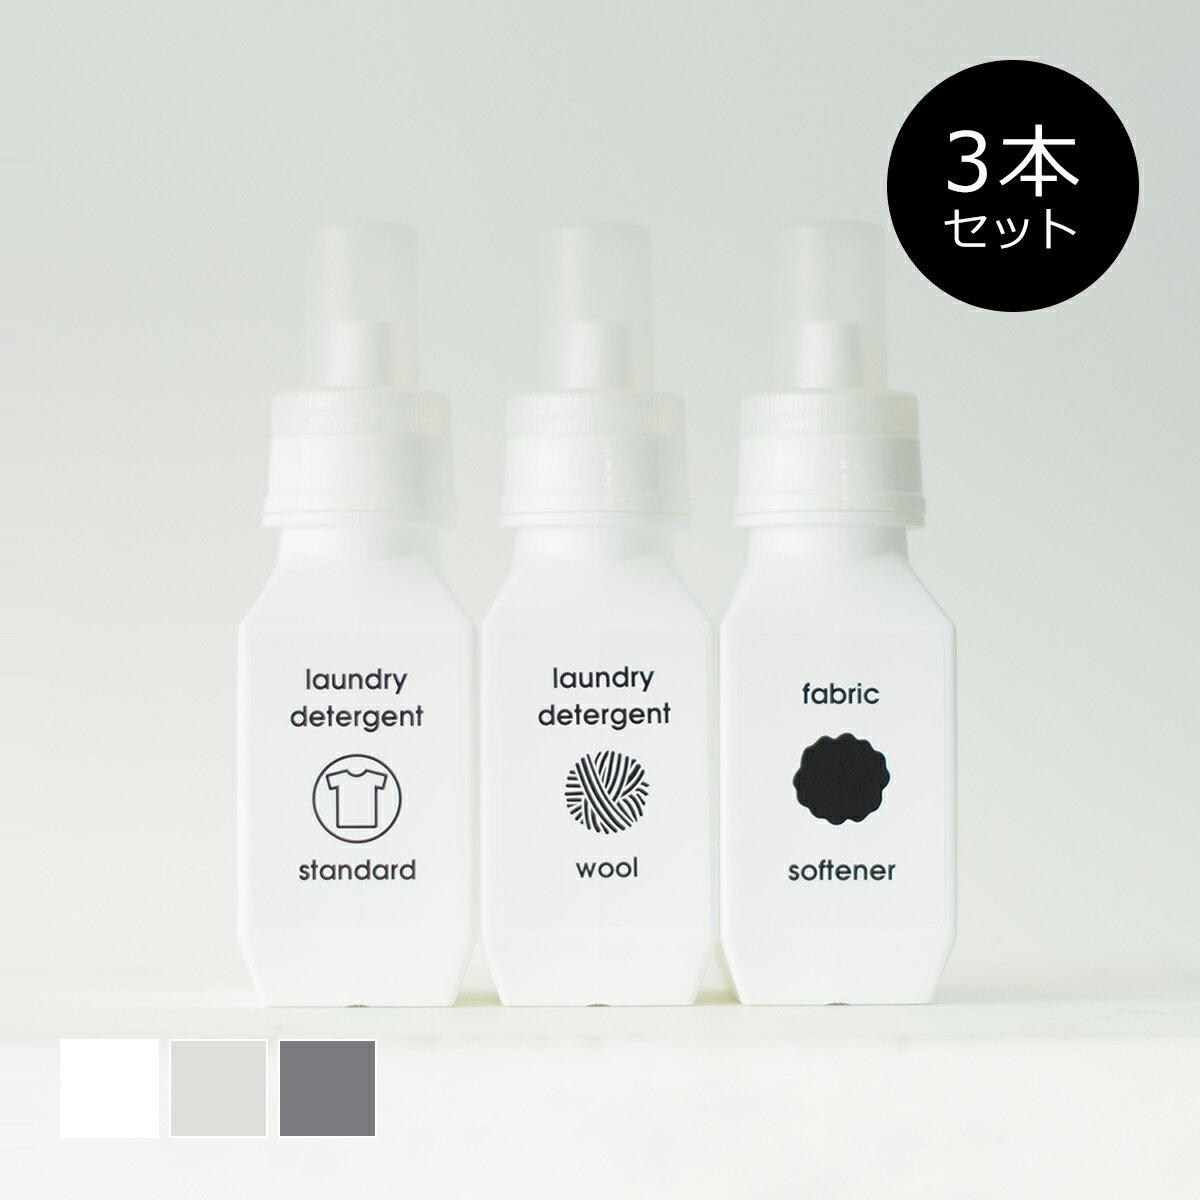 洗濯洗剤 柔軟剤 詰め替えボトル [セット販売●b2c ランドリーボトル-S 500ml【3本入り】] ラベル・シール別売 #SL_LA